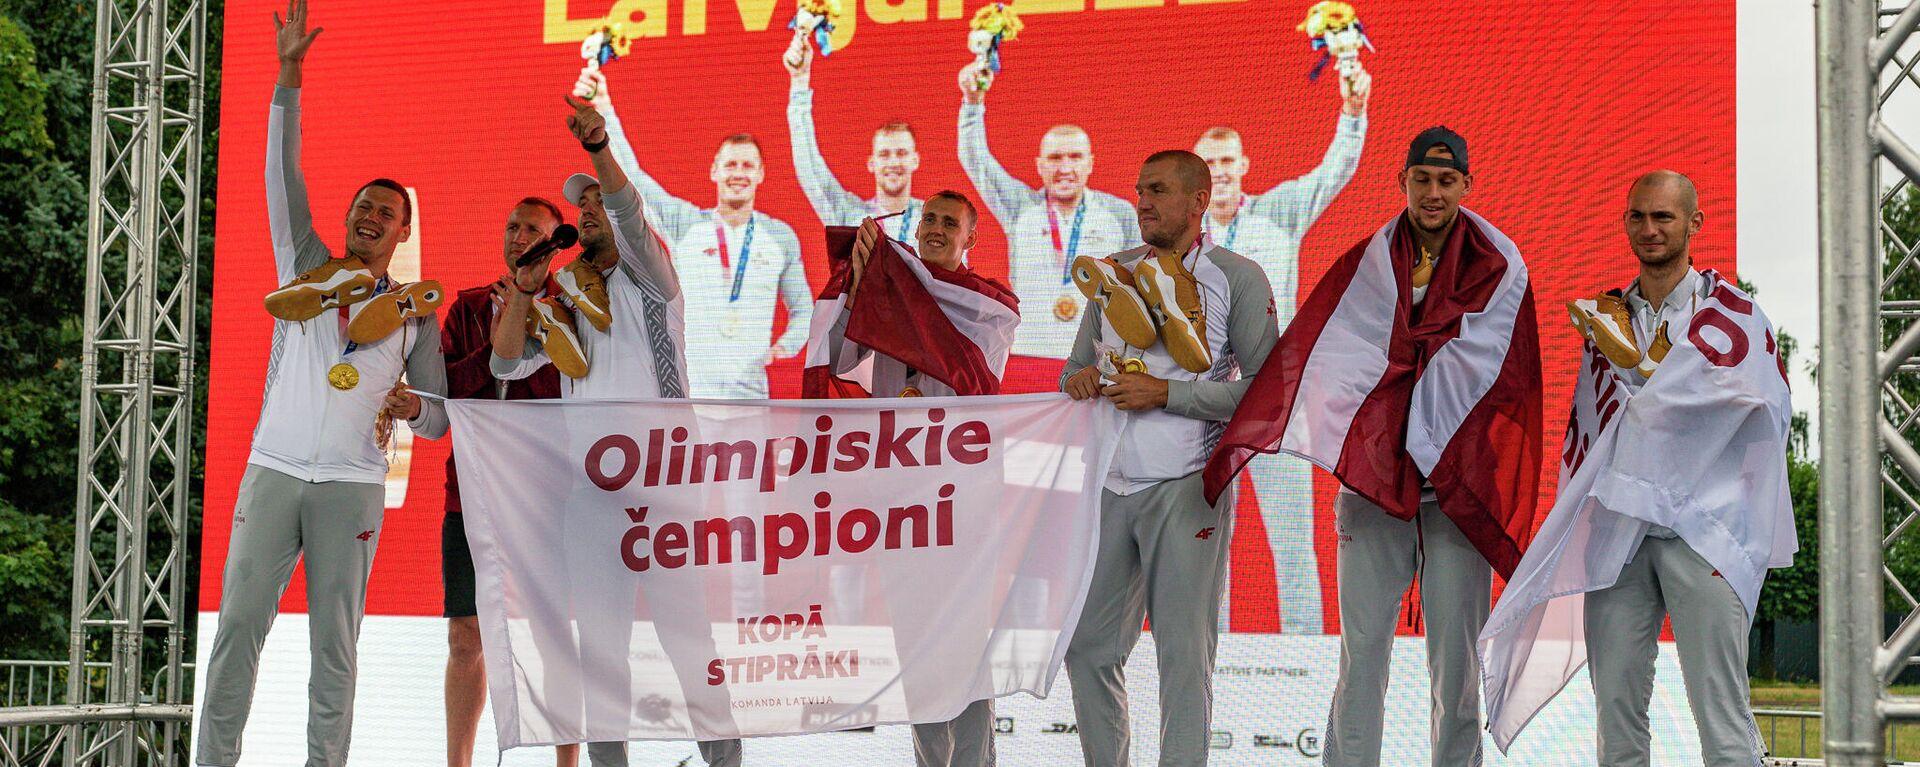 Торжественна встреча олимпийских чемпионов в Рижском аэропорту - Sputnik Латвия, 1920, 31.07.2021